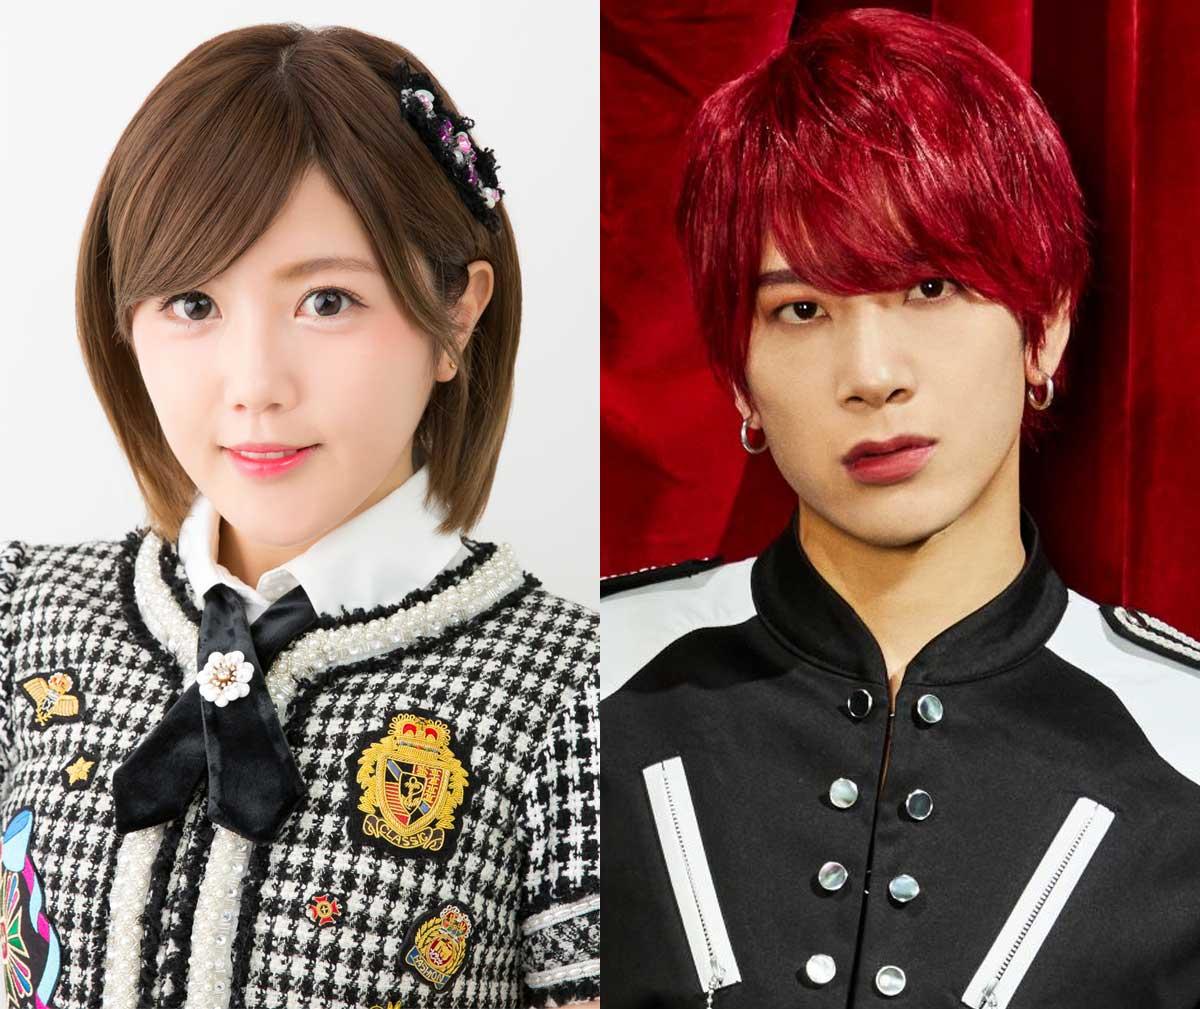 左から宮崎美穂(AKB48)、本田康祐(OWV)